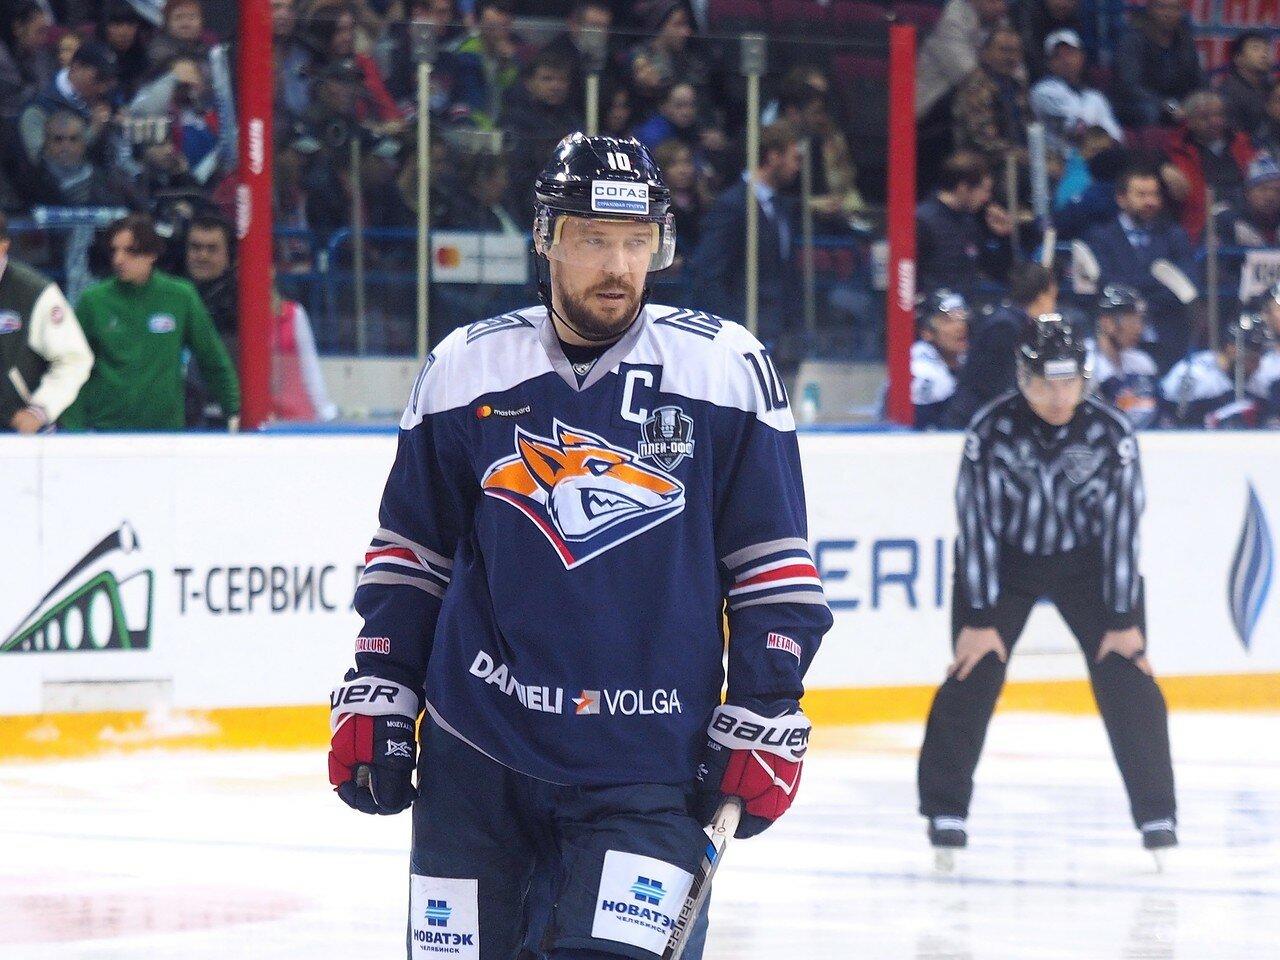 126 Первая игра финала плей-офф восточной конференции 2017 Металлург - АкБарс 24.03.2017